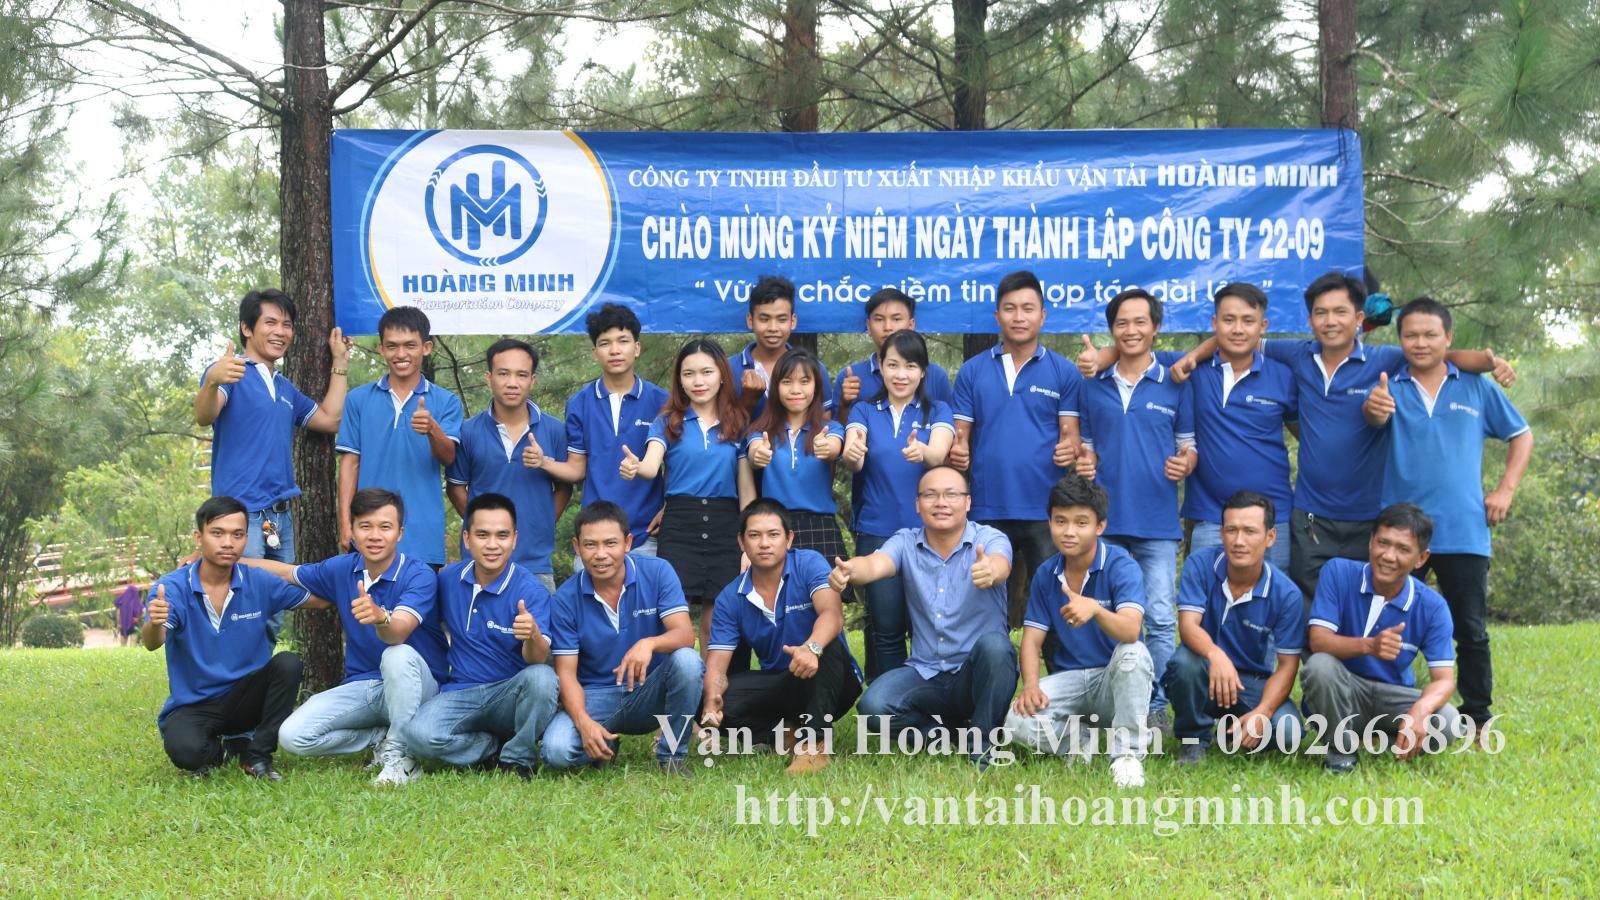 TVC Giới thiệu Vận tải Hoàng Minh